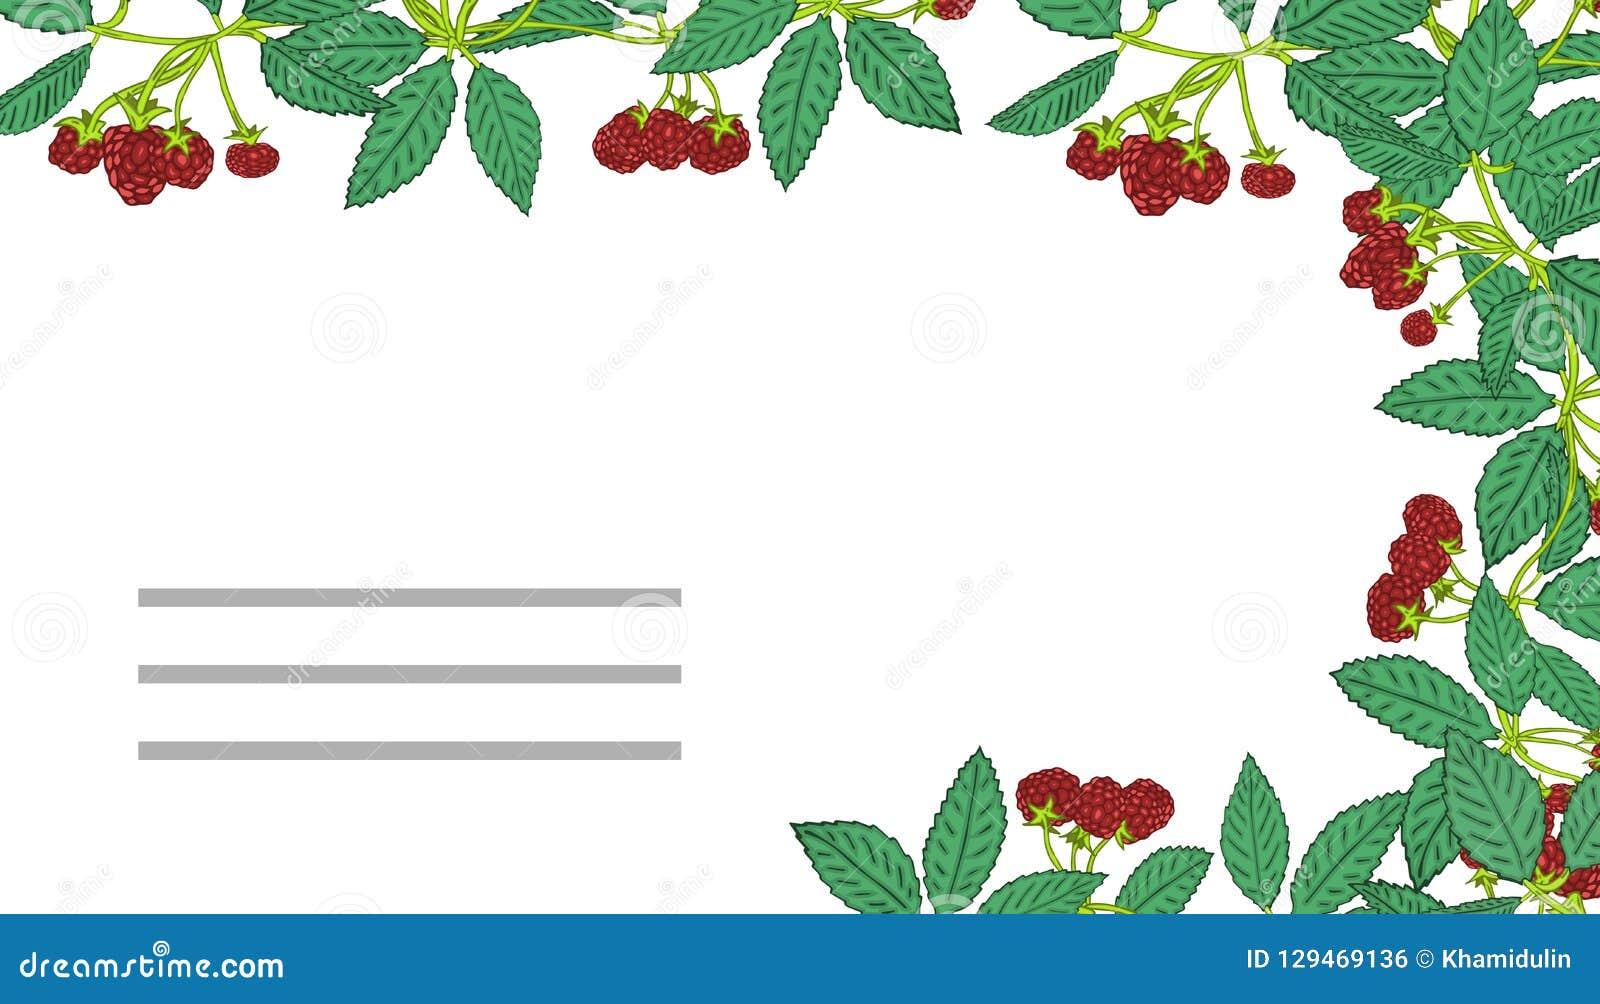 夏天模板用莓果 您的设计的模板,贺卡,欢乐公告